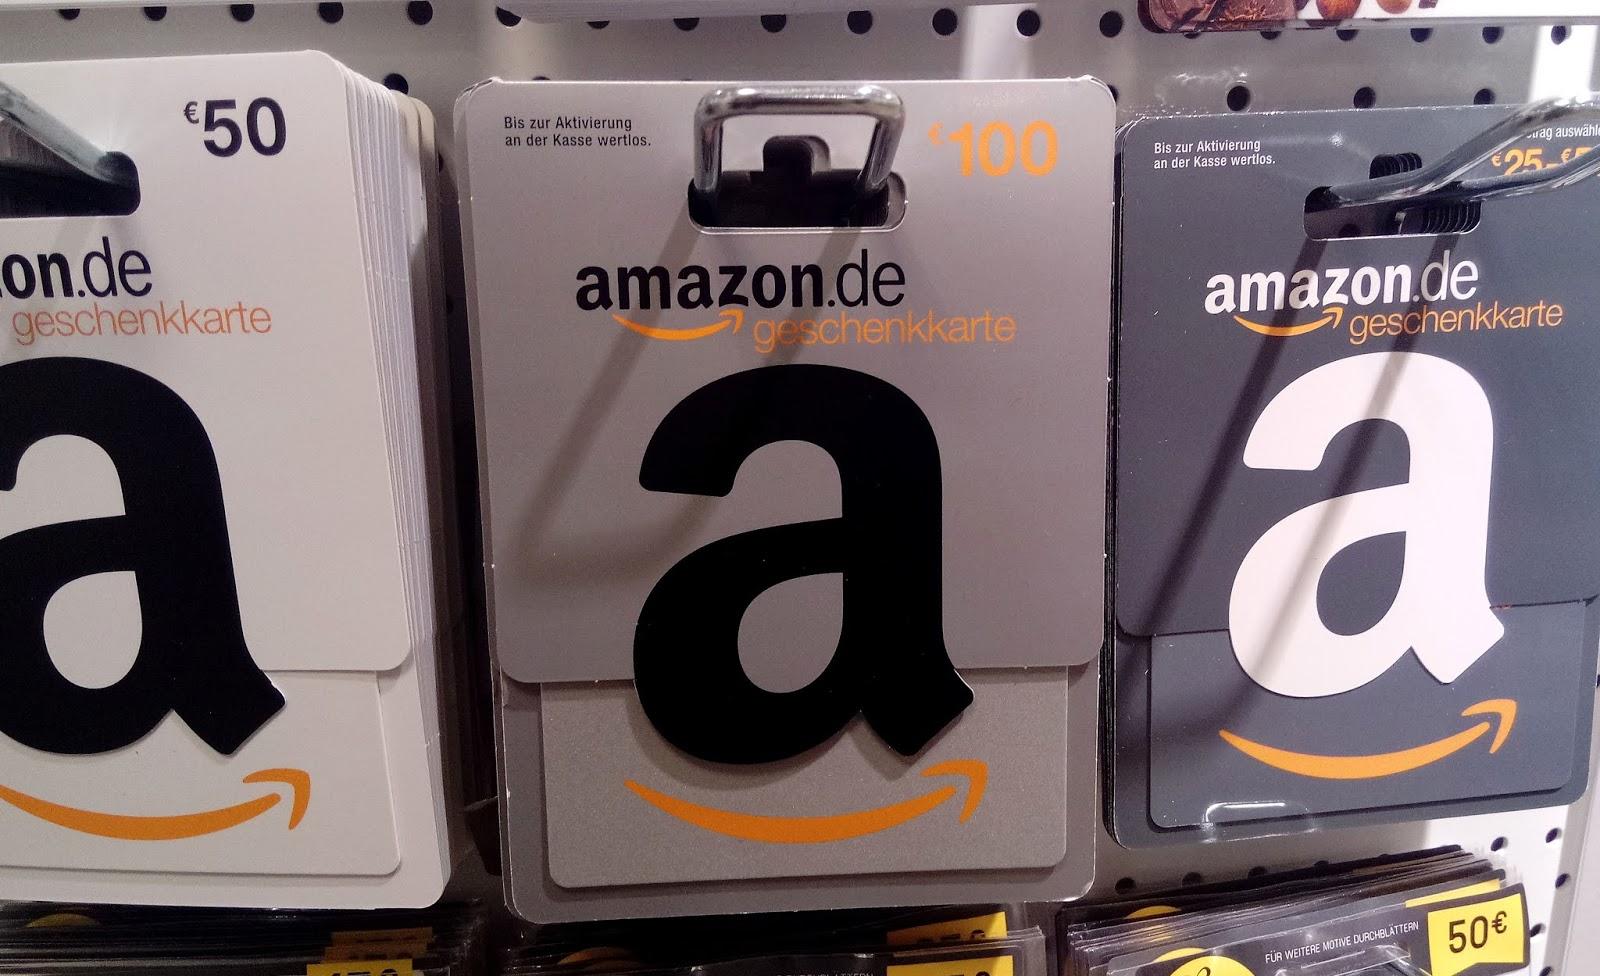 chollos-amazon-en-dos-portatiles-dos-moviles-un-tablet-dos-monitores-un-raton-unos-auriculares